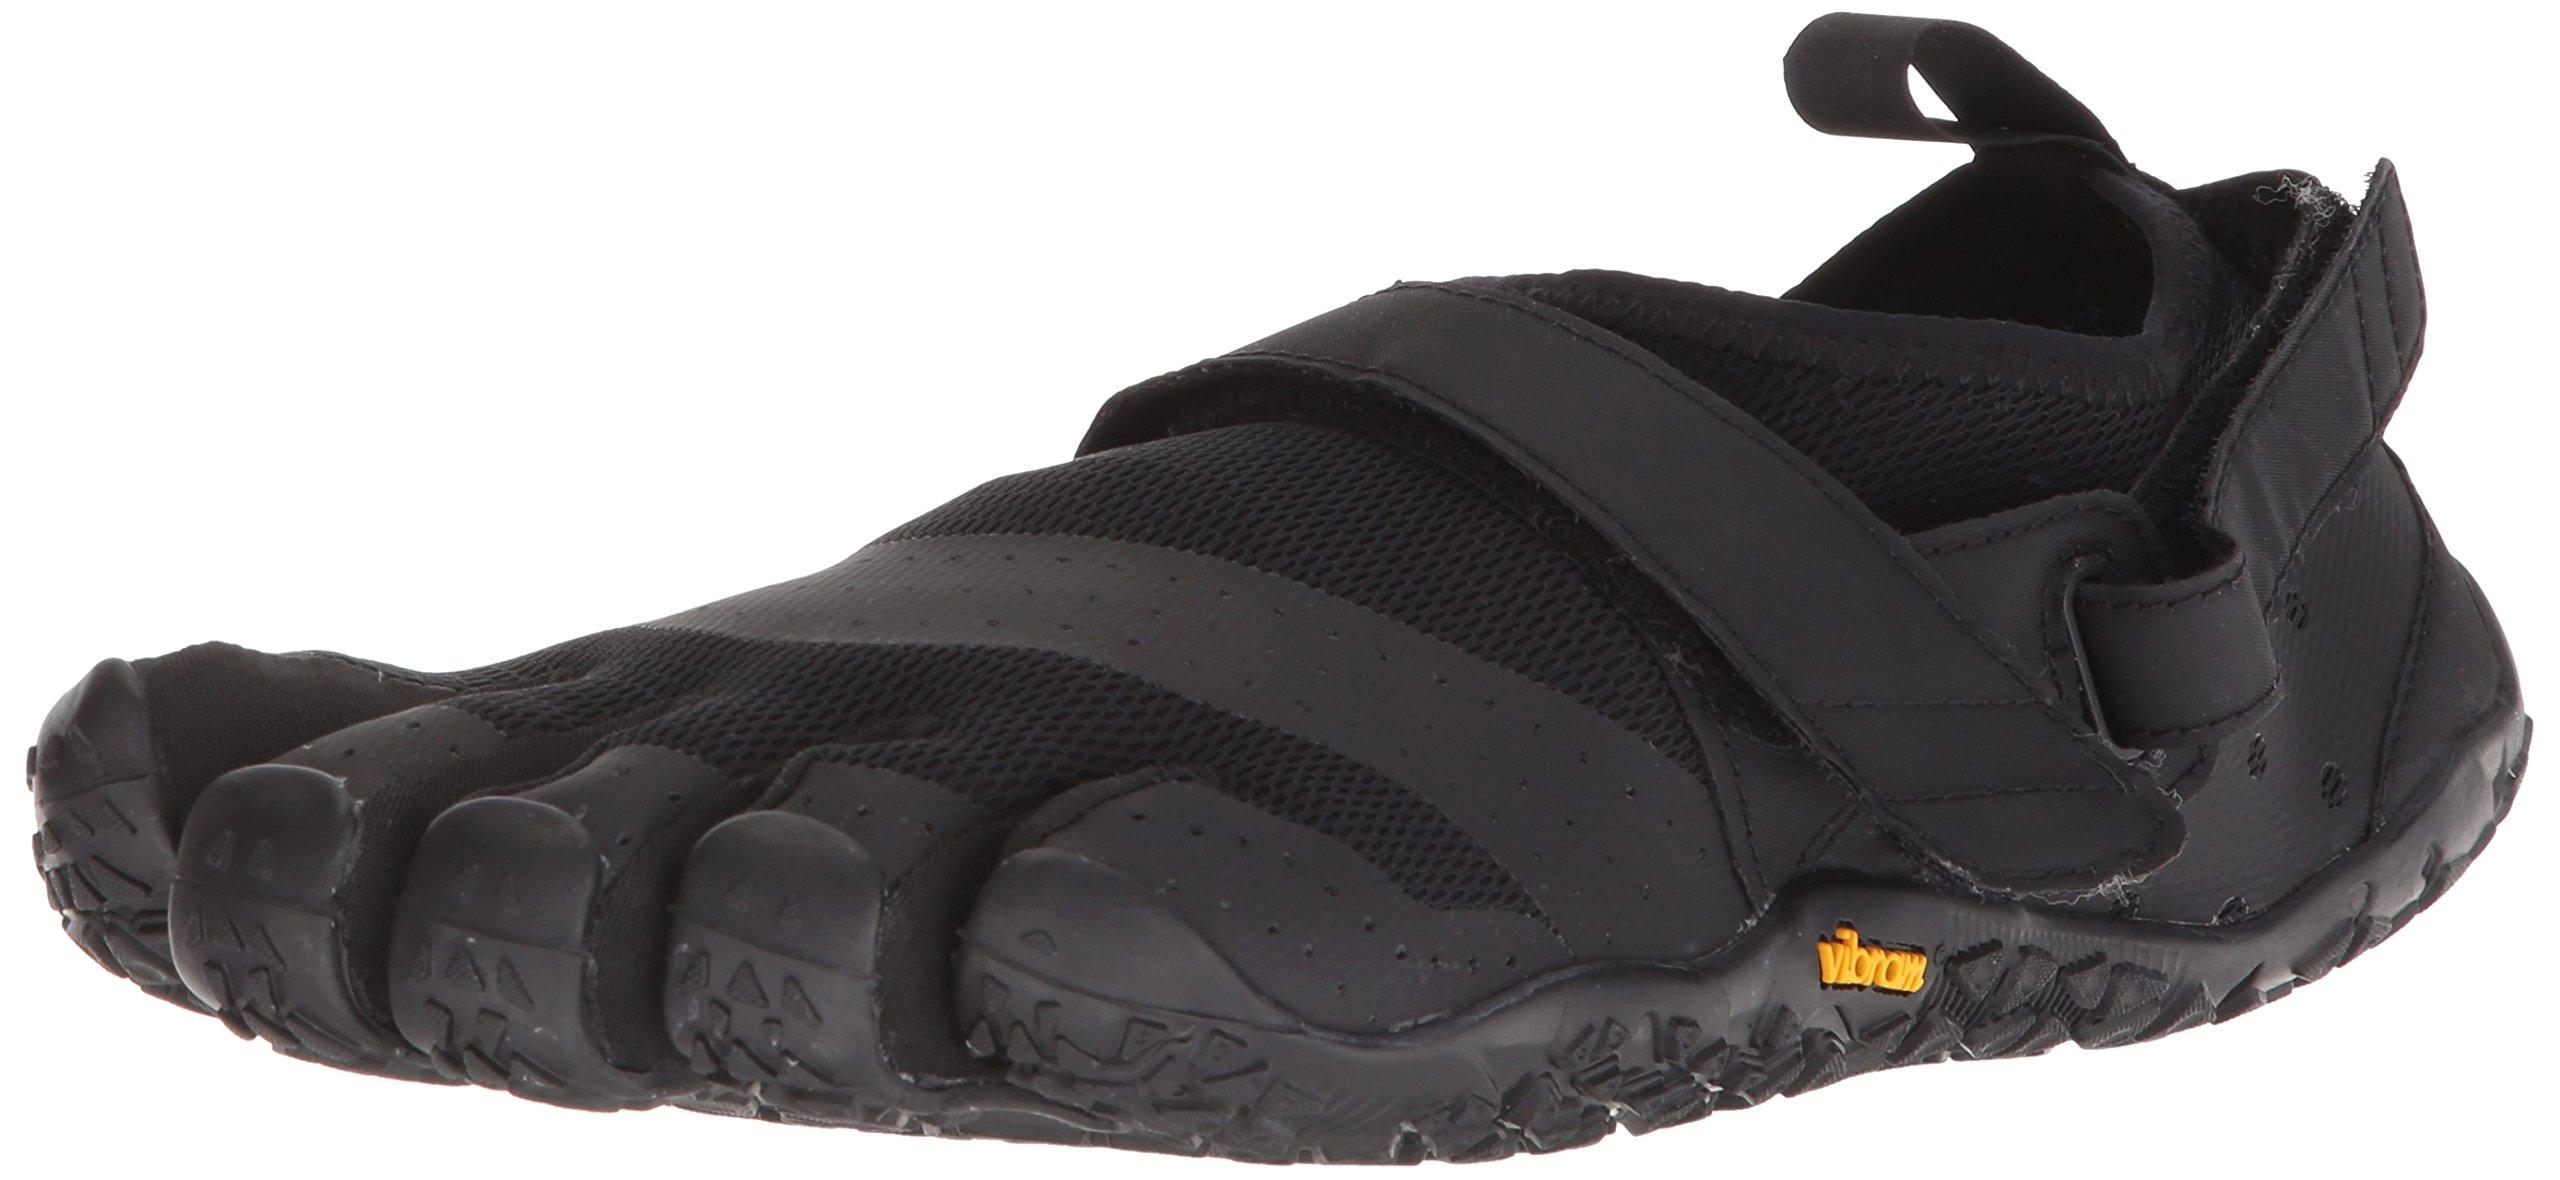 Vibram Men's V-Aqua Black Walking Shoe, 10.5-11 M US by Vibram